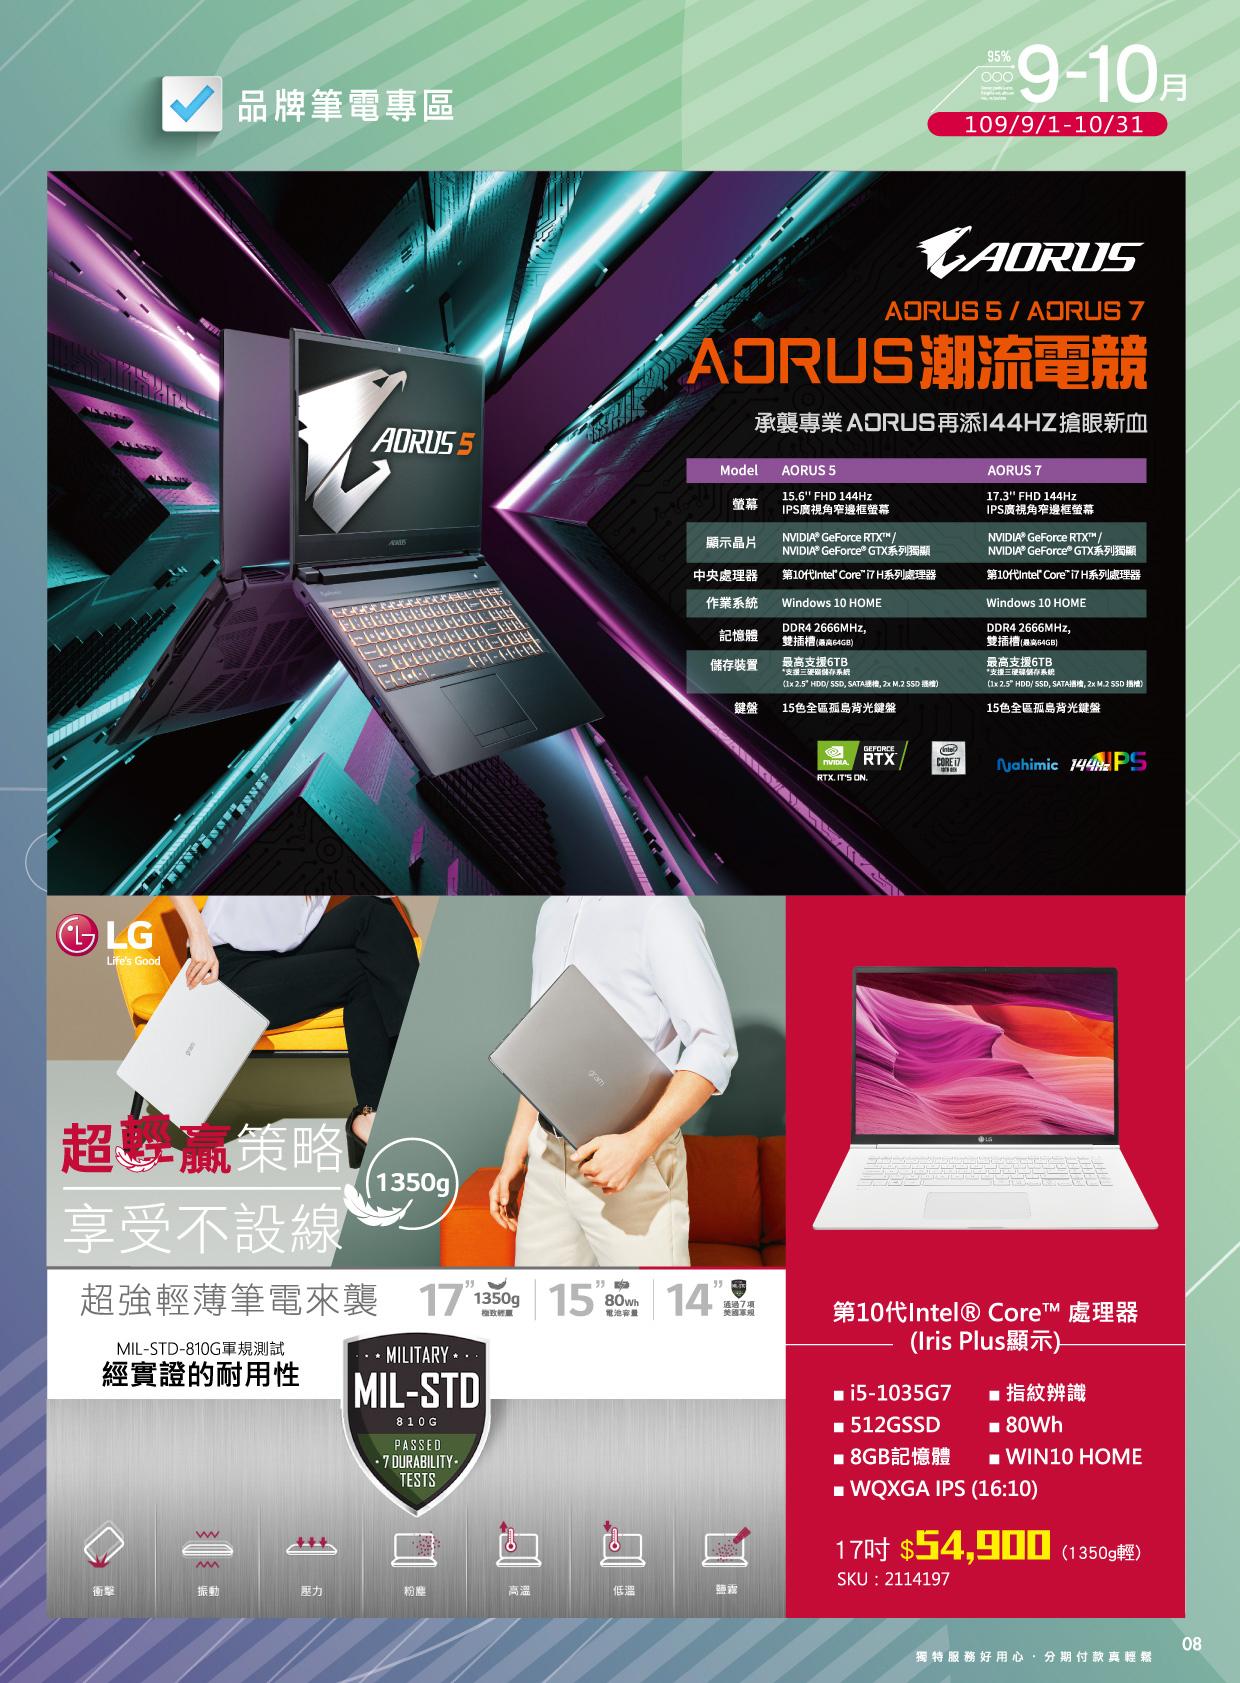 全國電子 X 當期資訊商品優惠DM 8